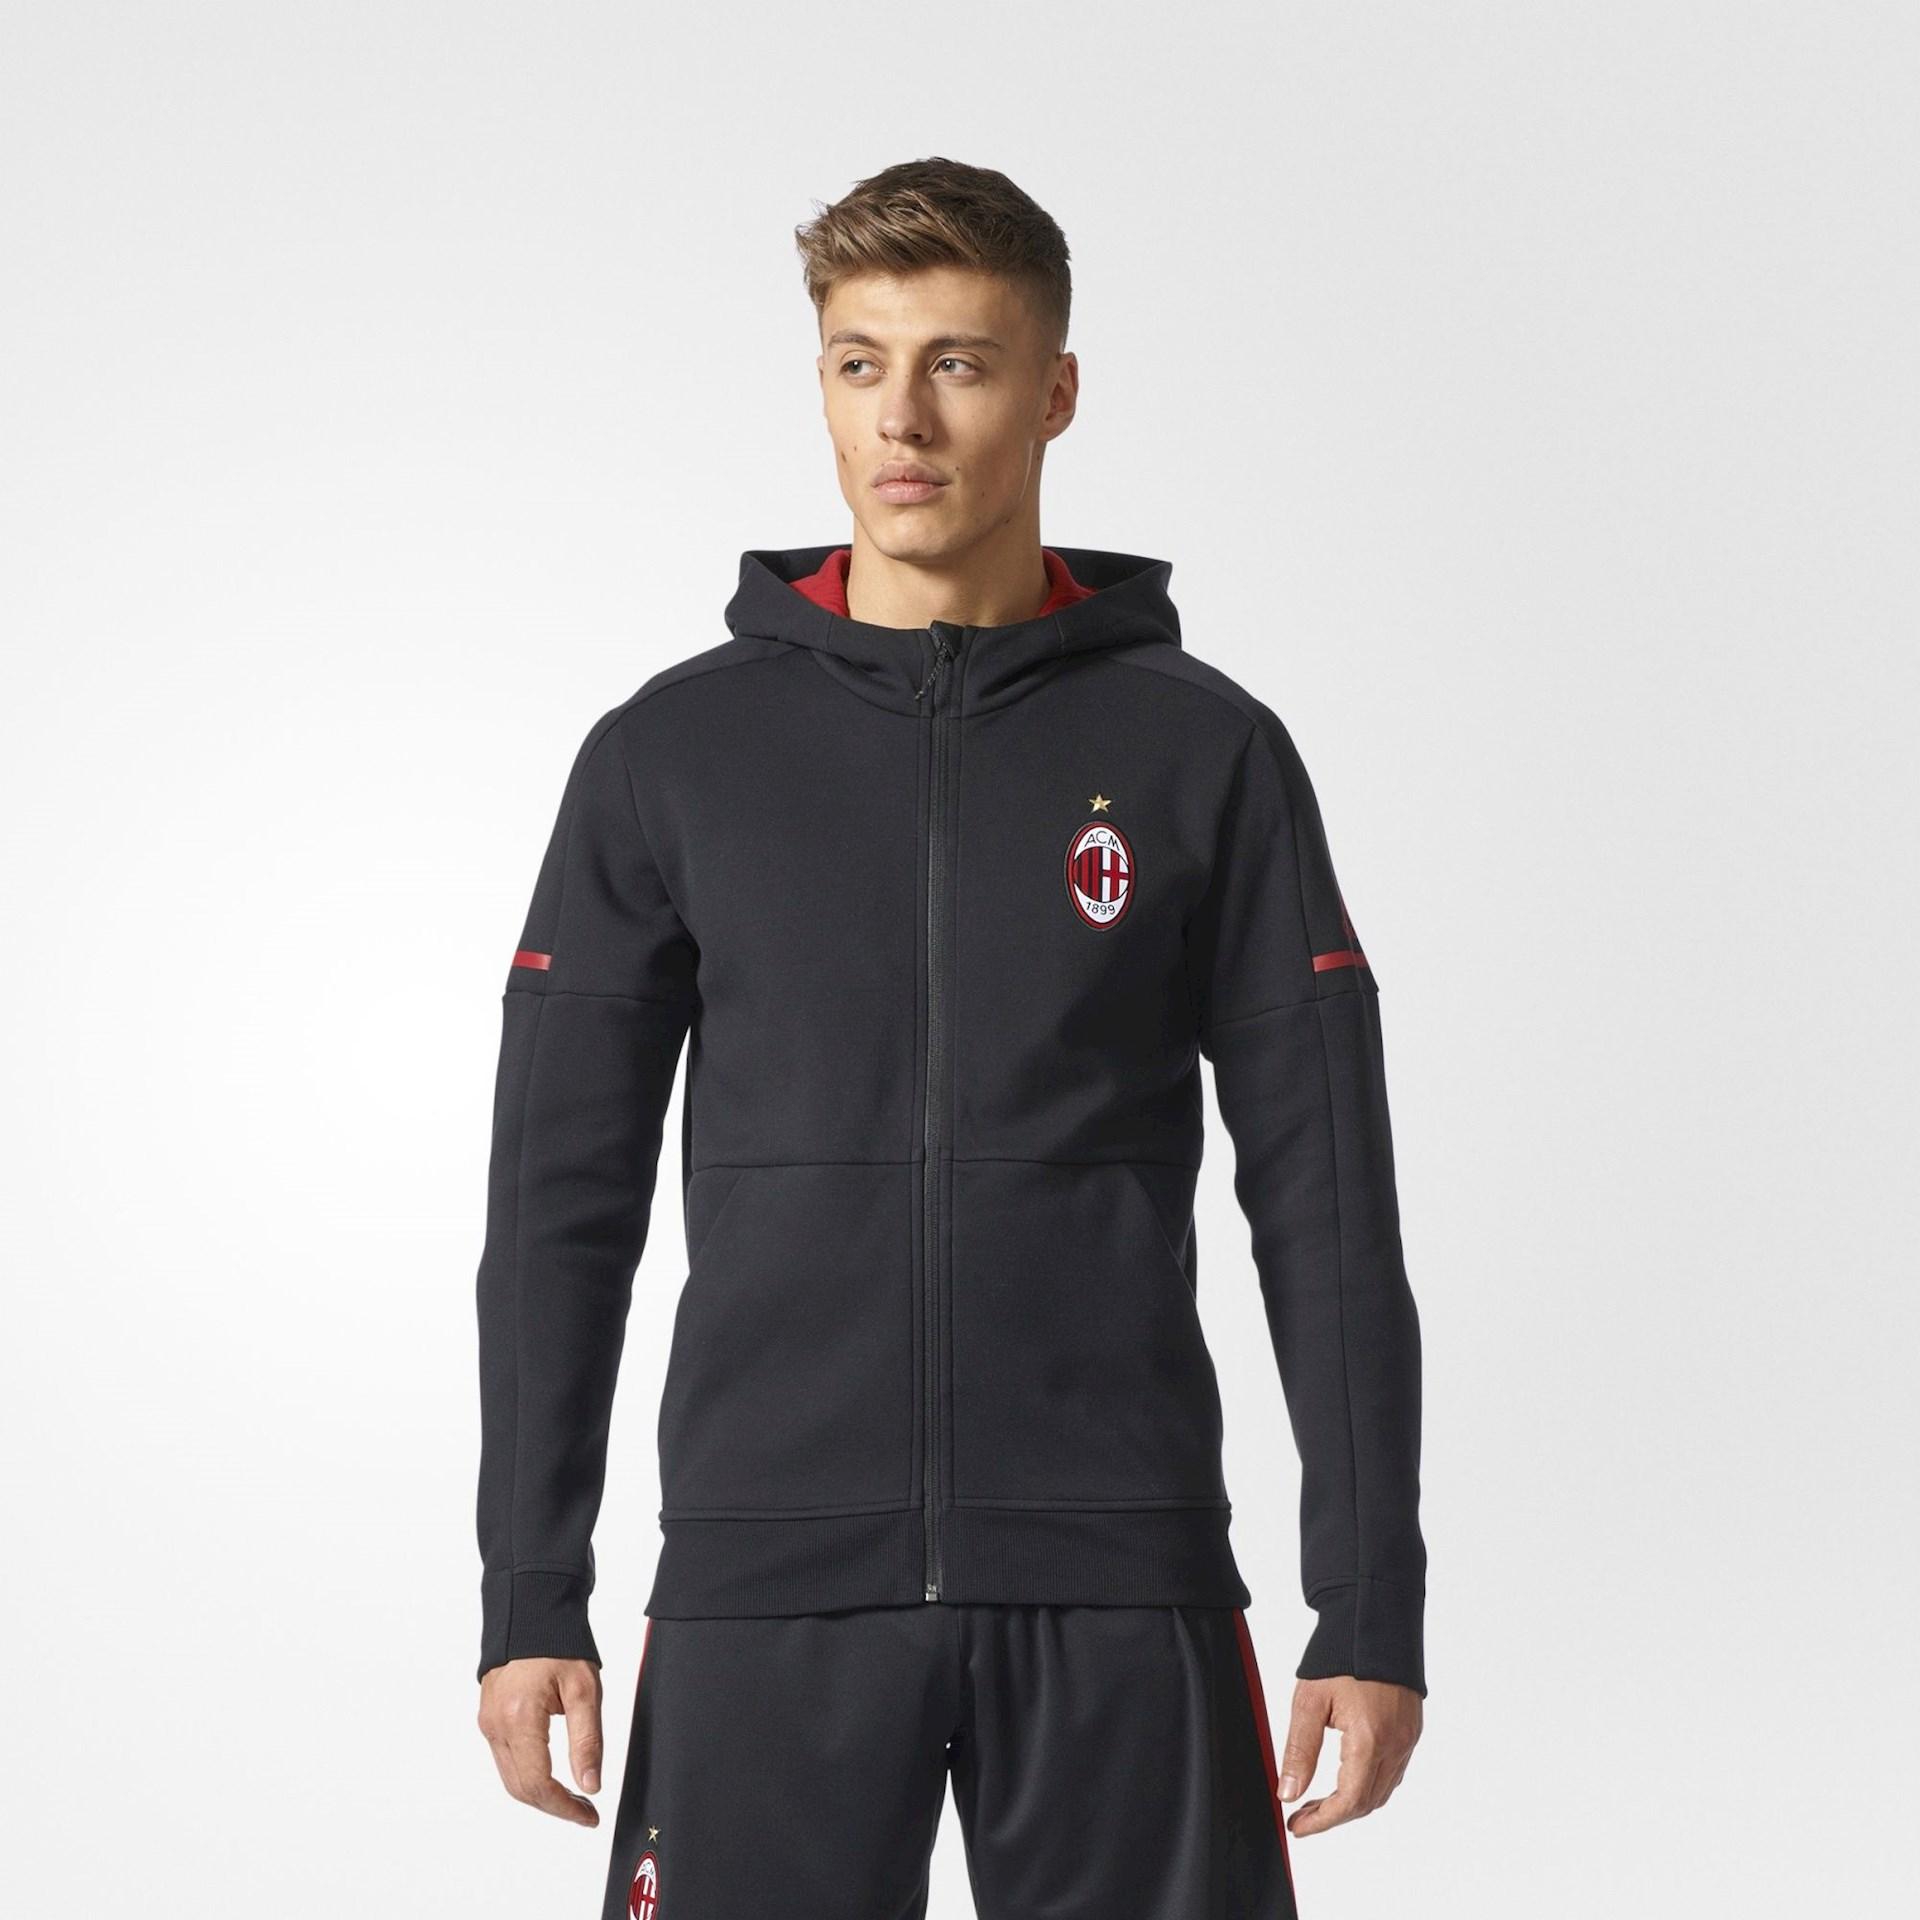 Zwart AC Milan jack met capuchon voor 2017-2018 ...